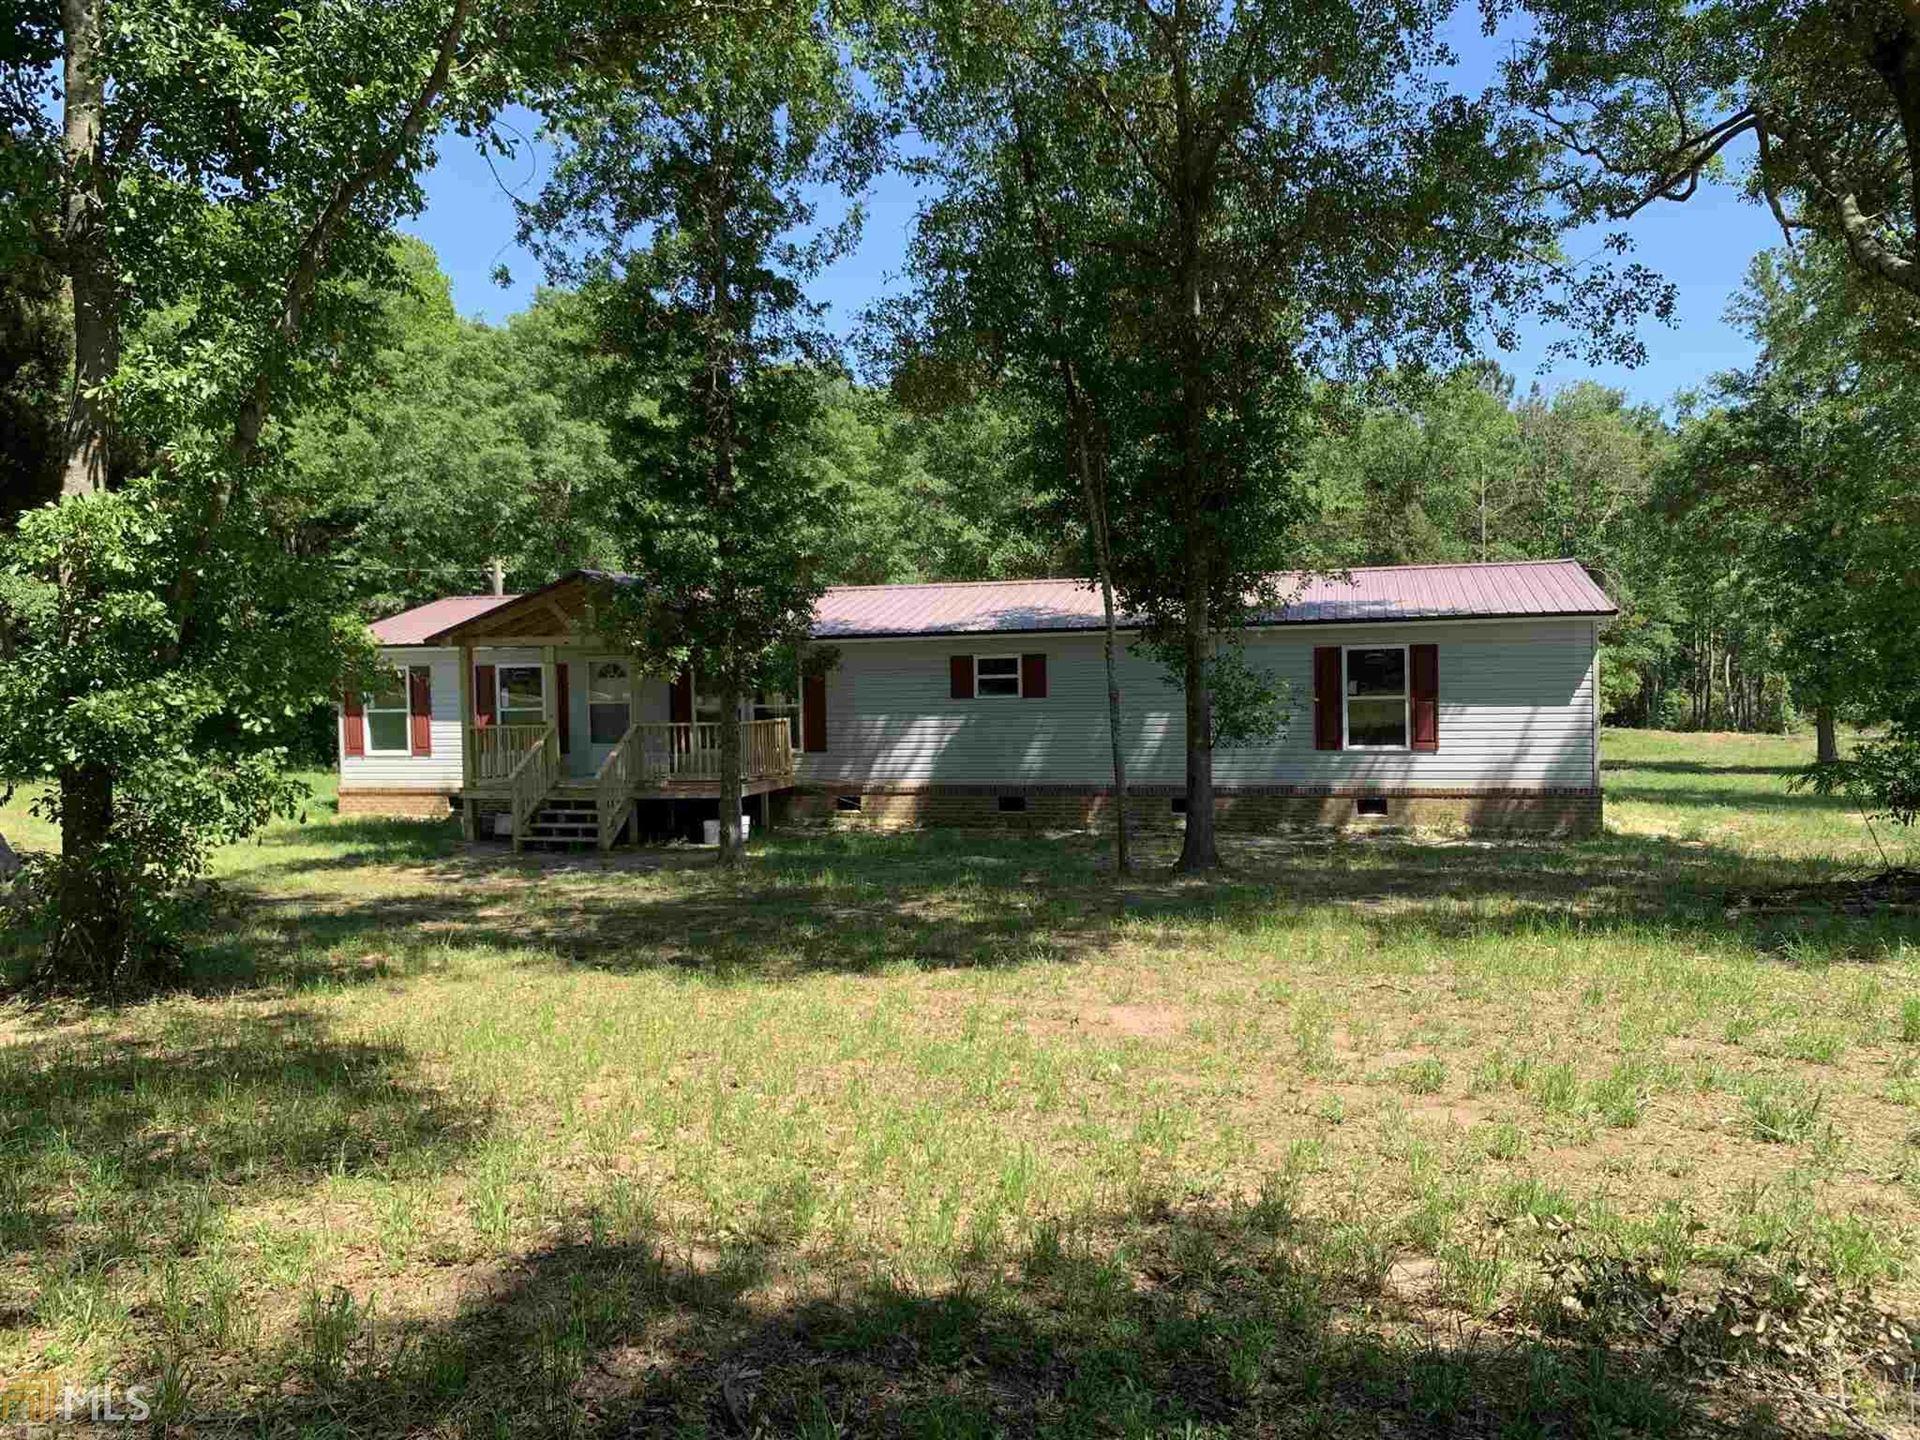 444 Cliponreka Rd, Statesboro, GA 30461 - #: 8795237